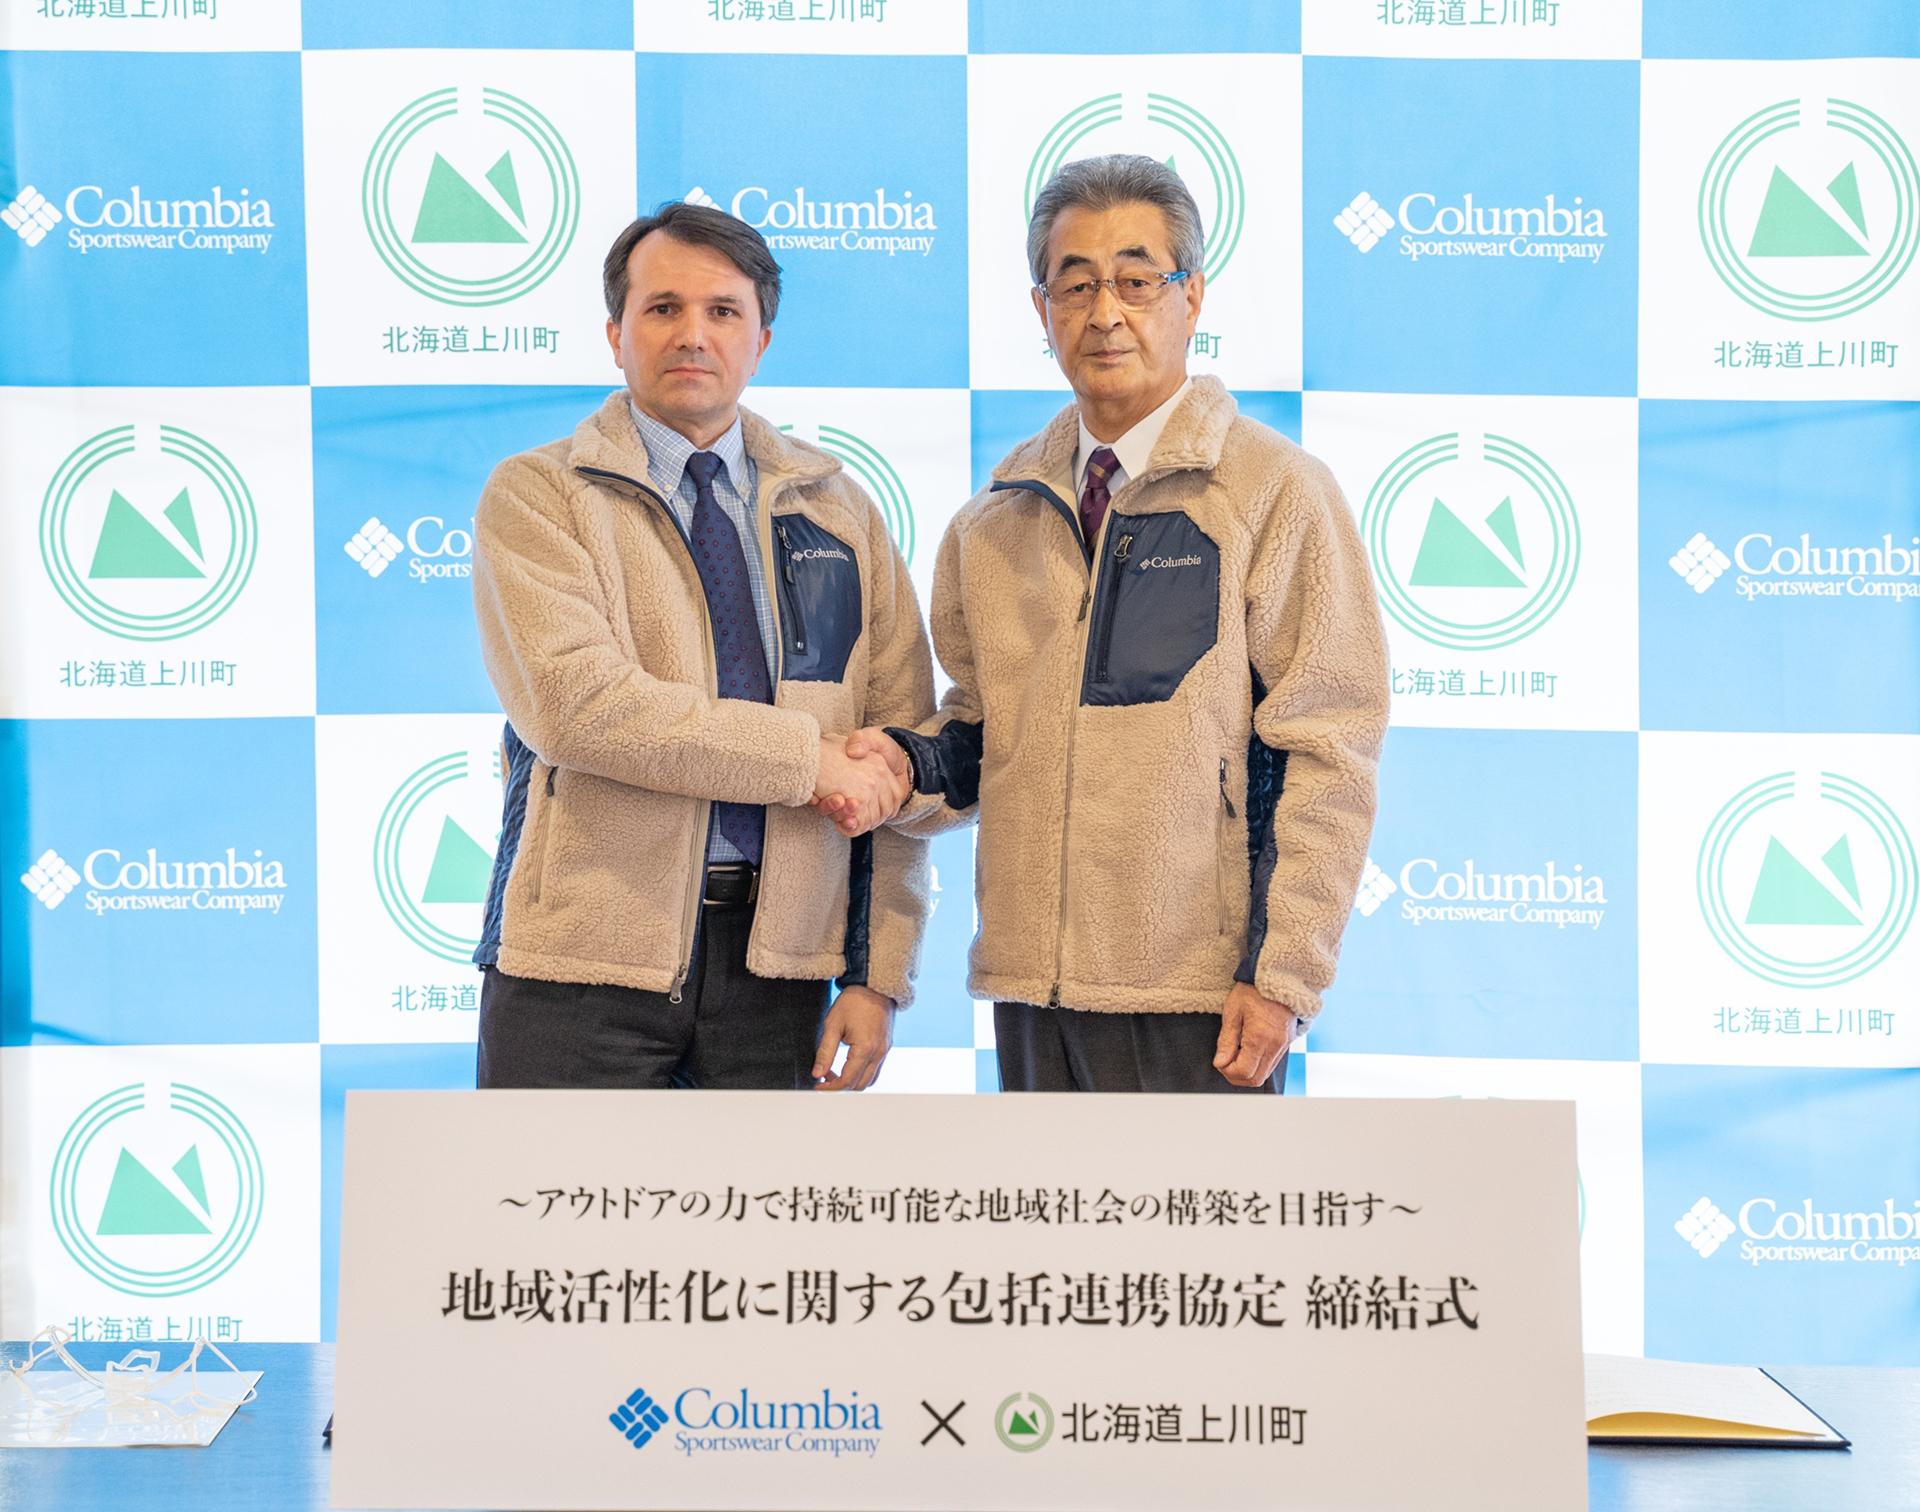 """01 """"アウトドアの力で持続可能な地域社会の構築を目指す""""北海道上川町と地域包括連携協定を締結"""